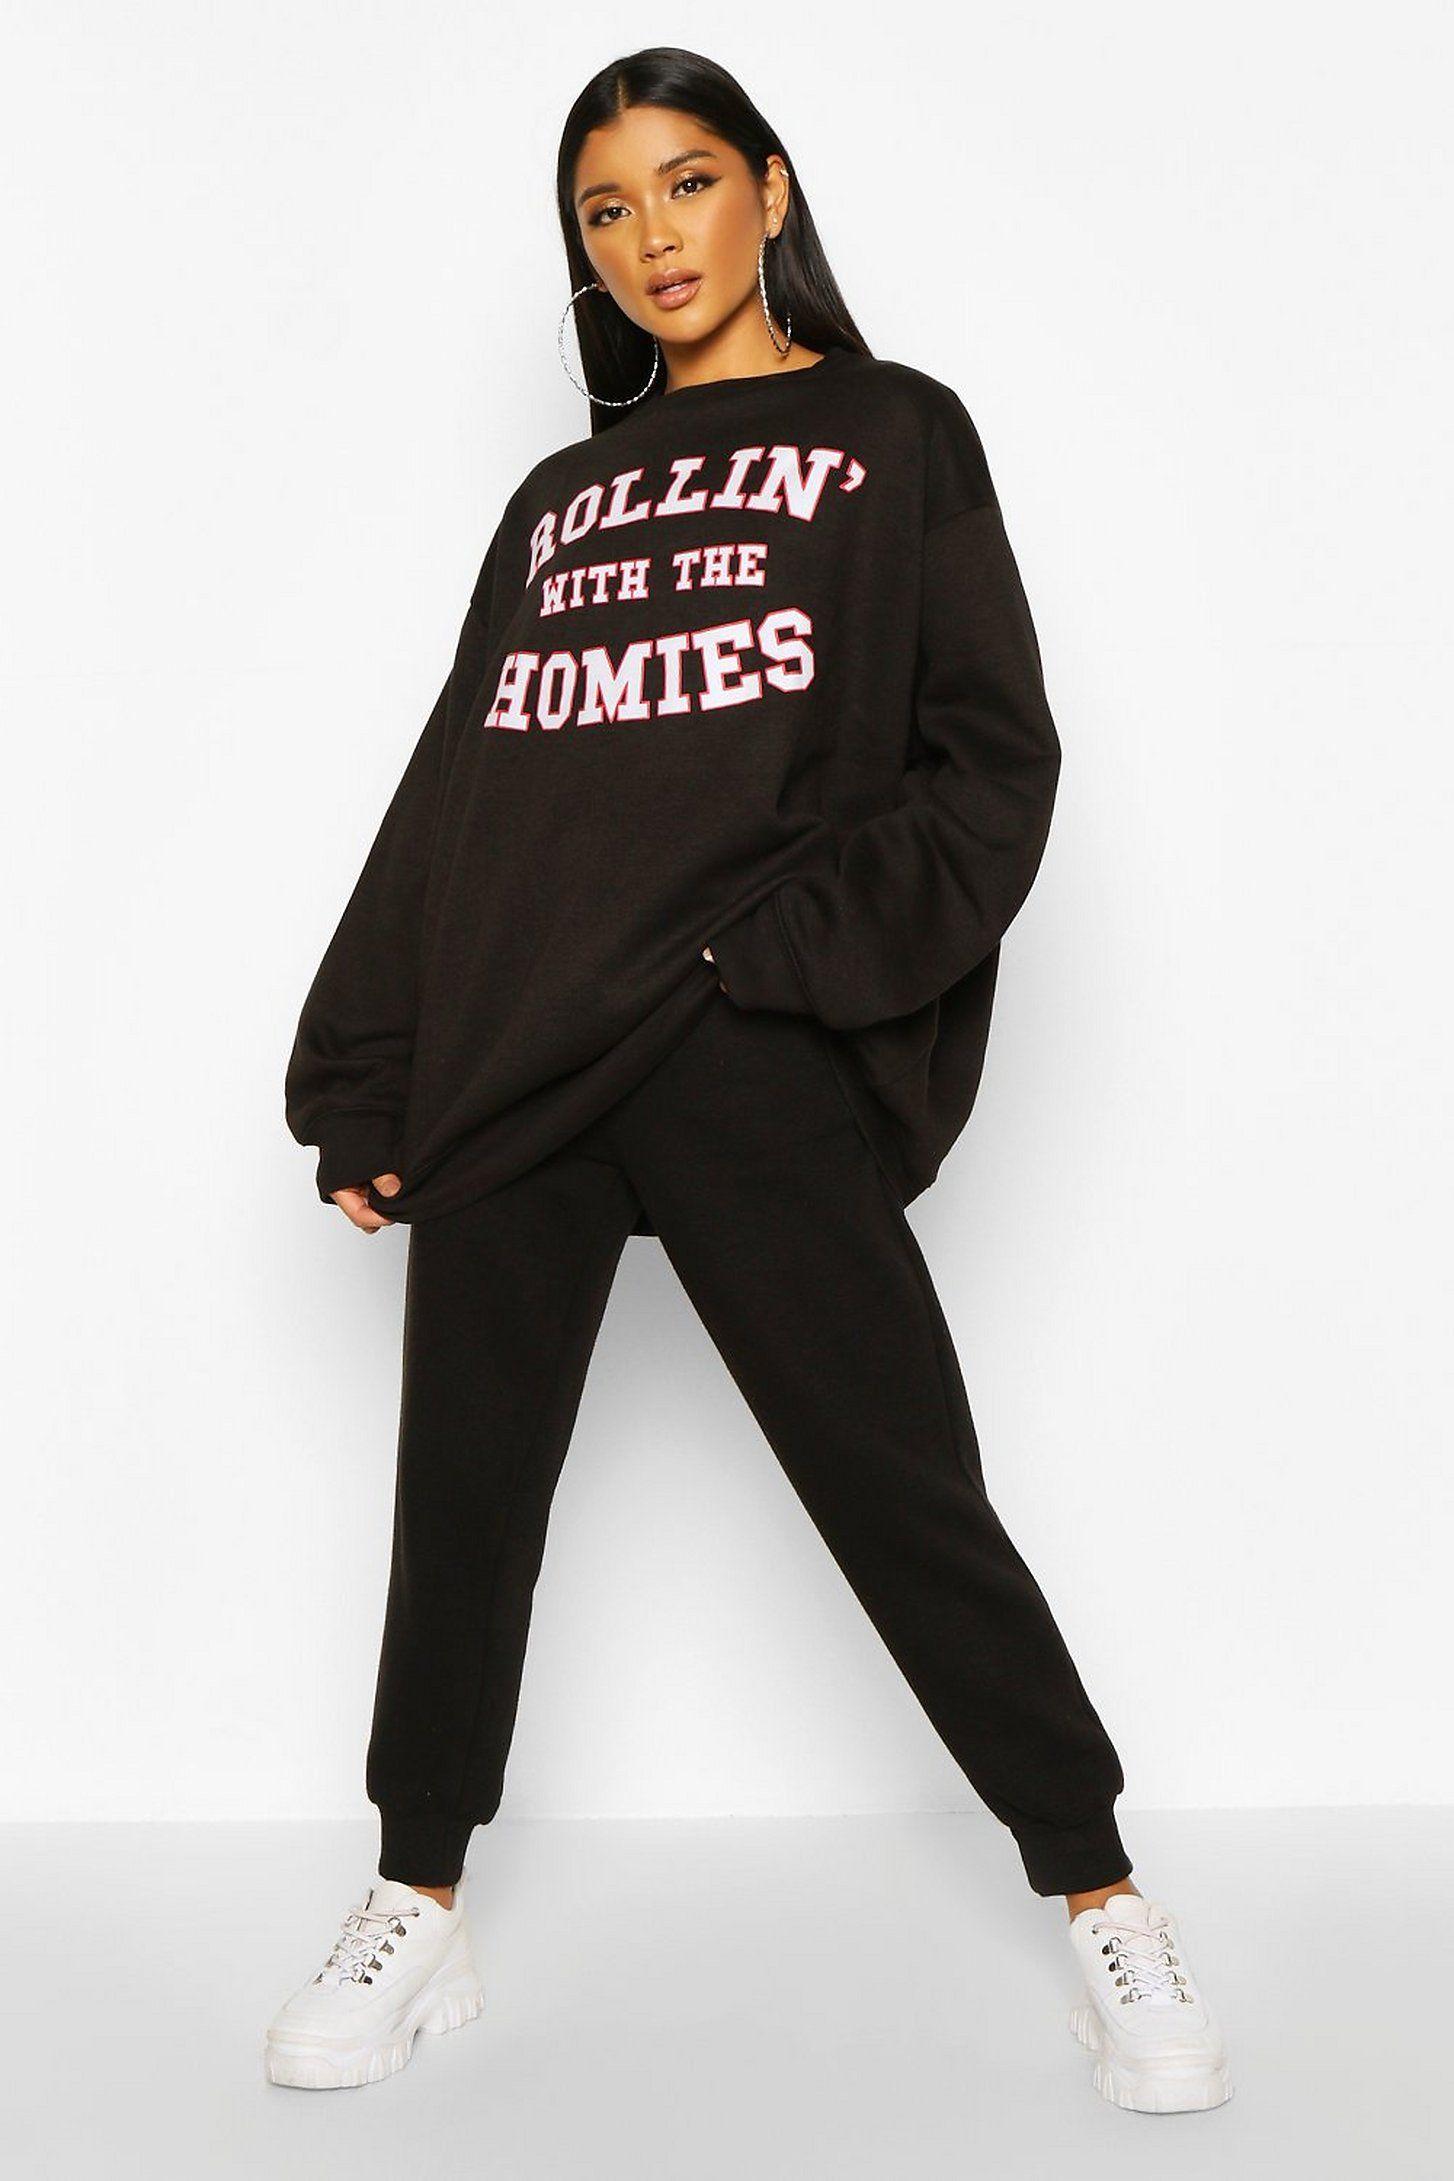 Rolling With The Homies Slogan Oversized Sweatshirt | boohoo